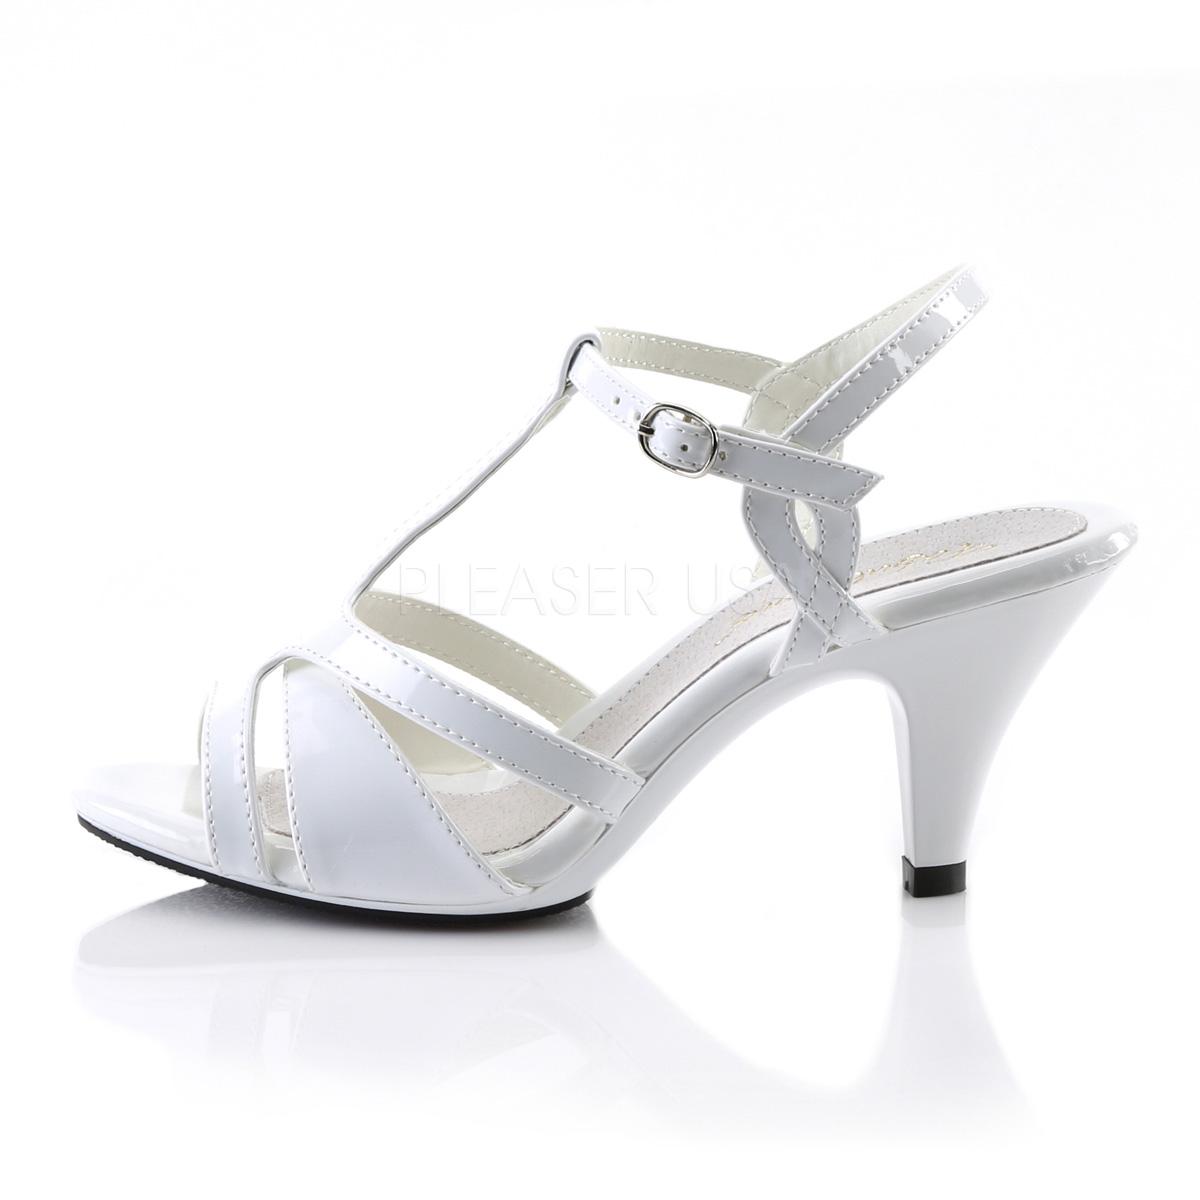 regard détaillé ead4e 39f3d Blanc 8 cm Fabulicious BELLE-322 sandales à talons aiguilles